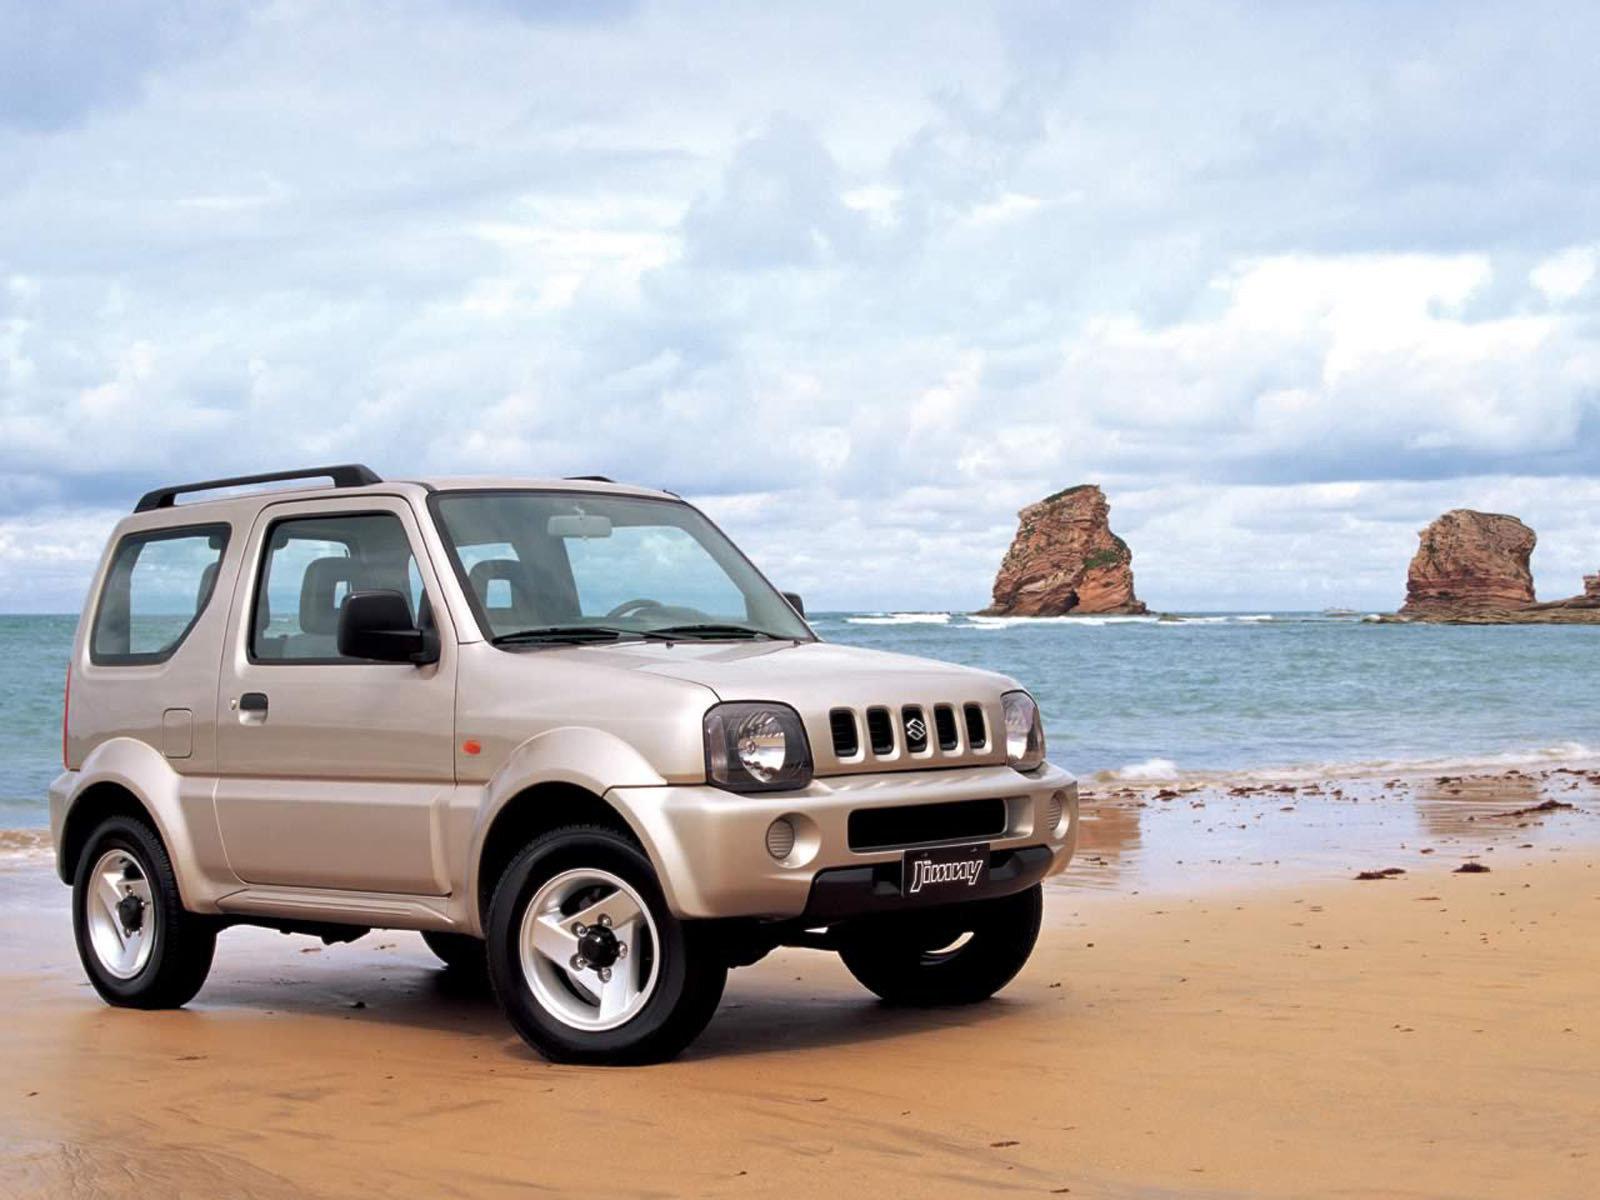 Фото 2005 Suzuki Jimny (Внедорожник) .